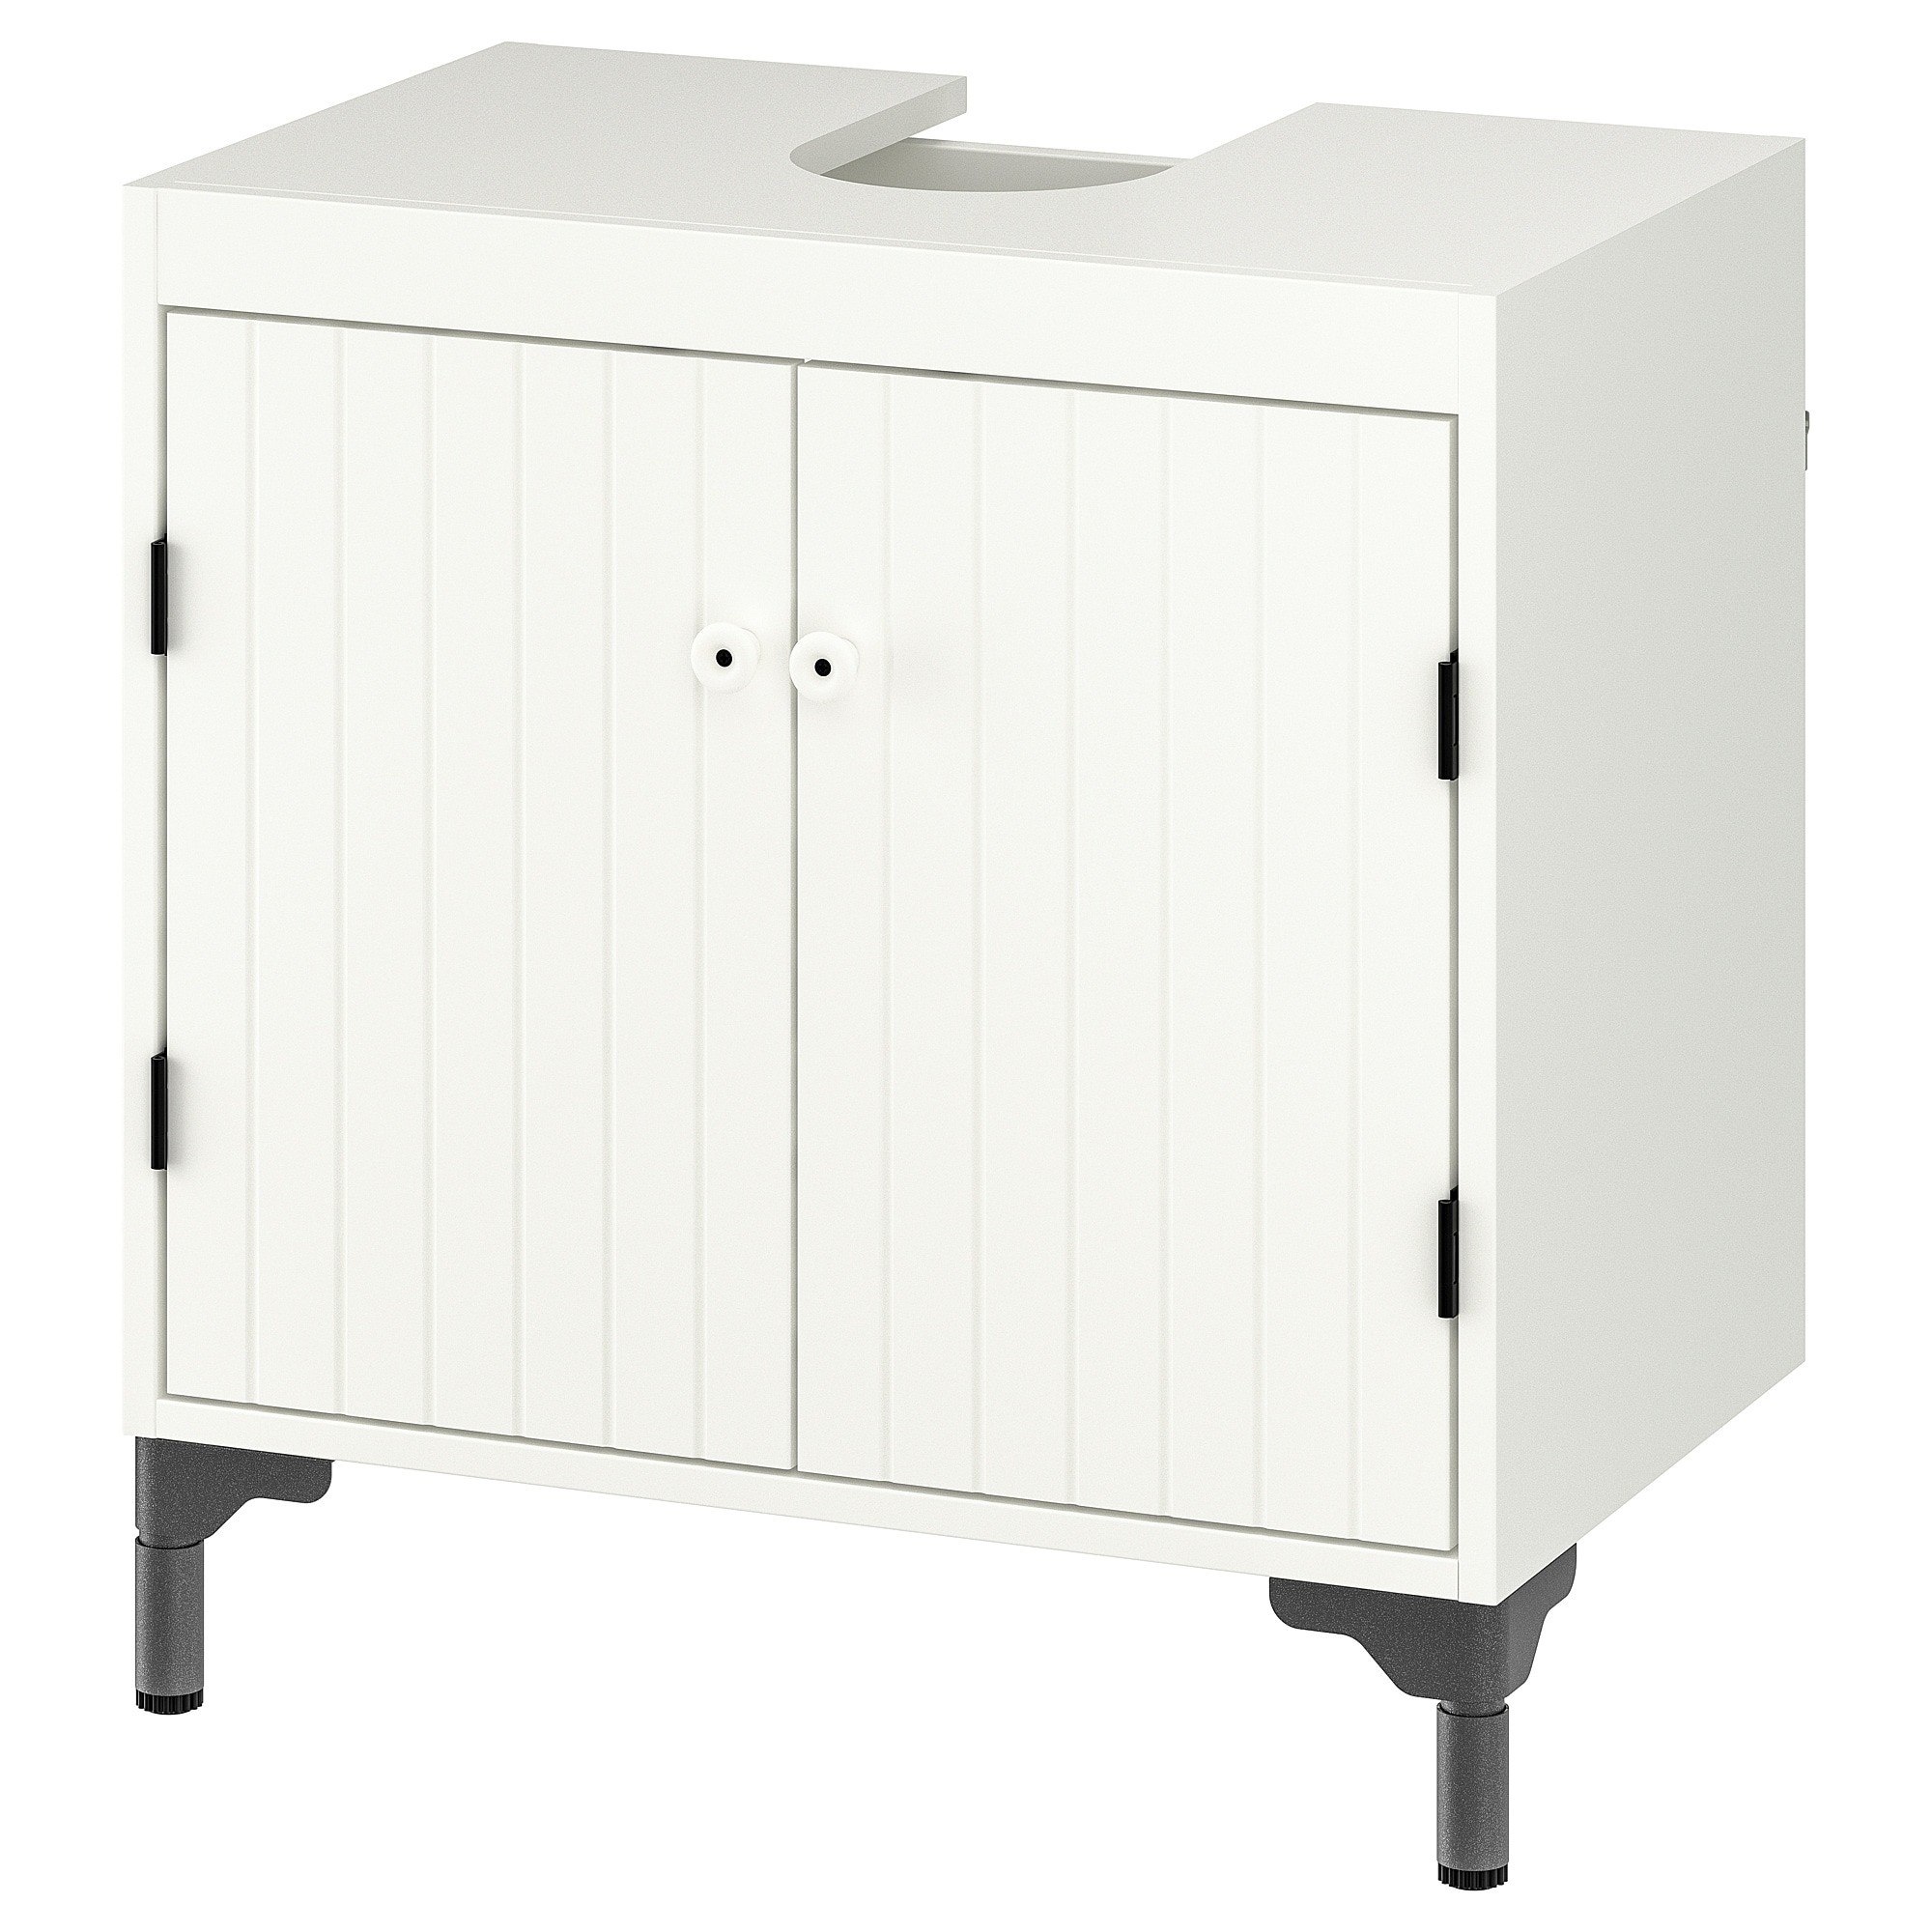 Silveran Waschbeckenunterschrank 2 Turen Weiss Ikea Osterreich Waschbeckenunterschrank Badezimmer Unterschrank Und Moderne Waschbecken